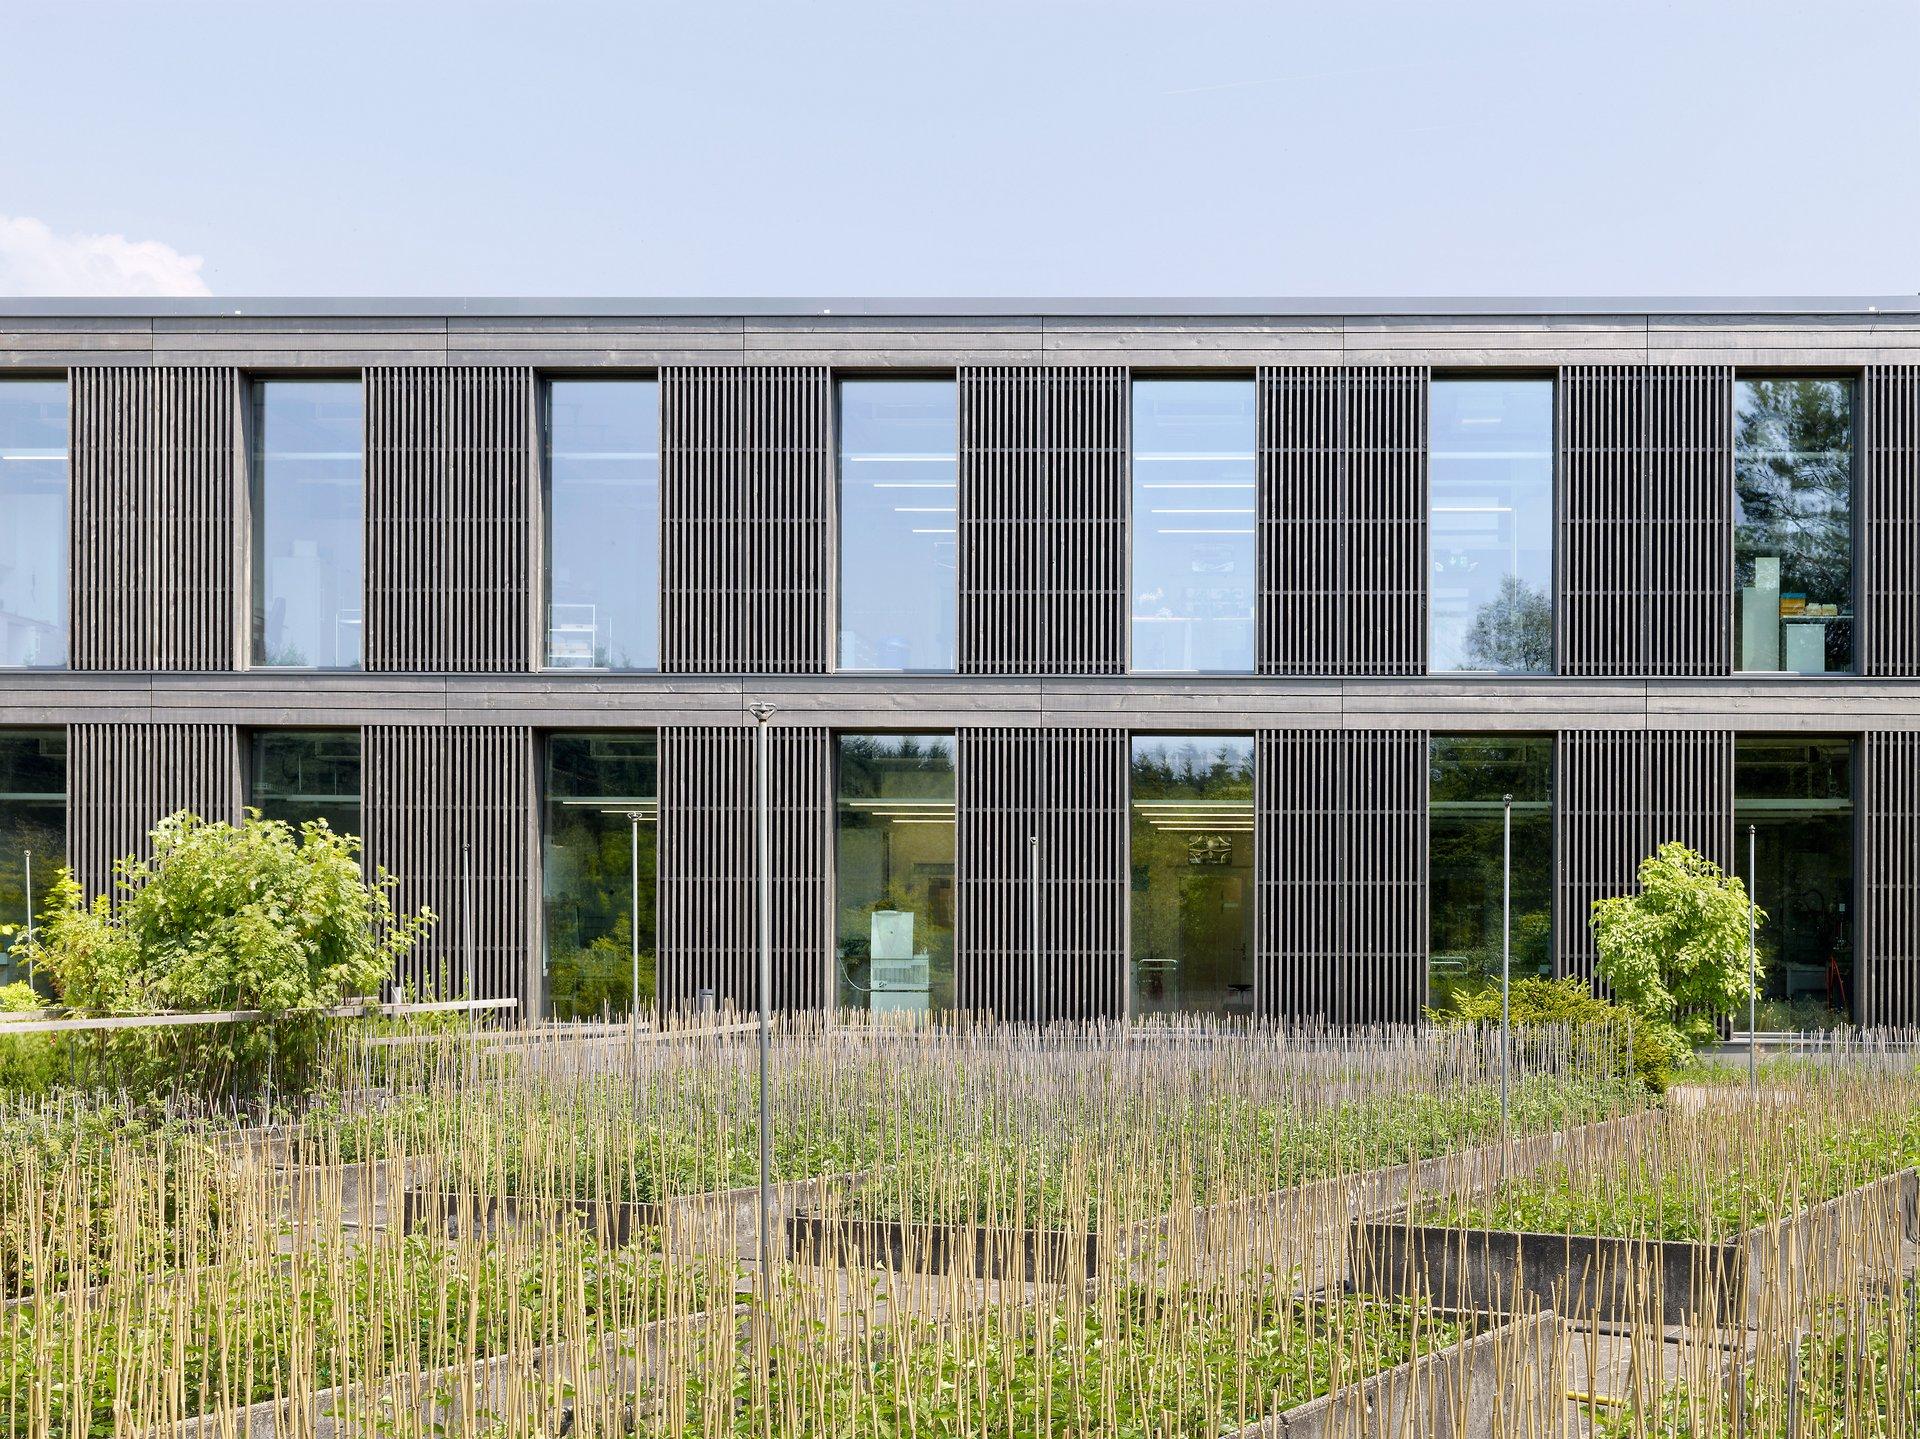 Gebäudefassade mit vertikalen Holzlamellen, vorvergraut